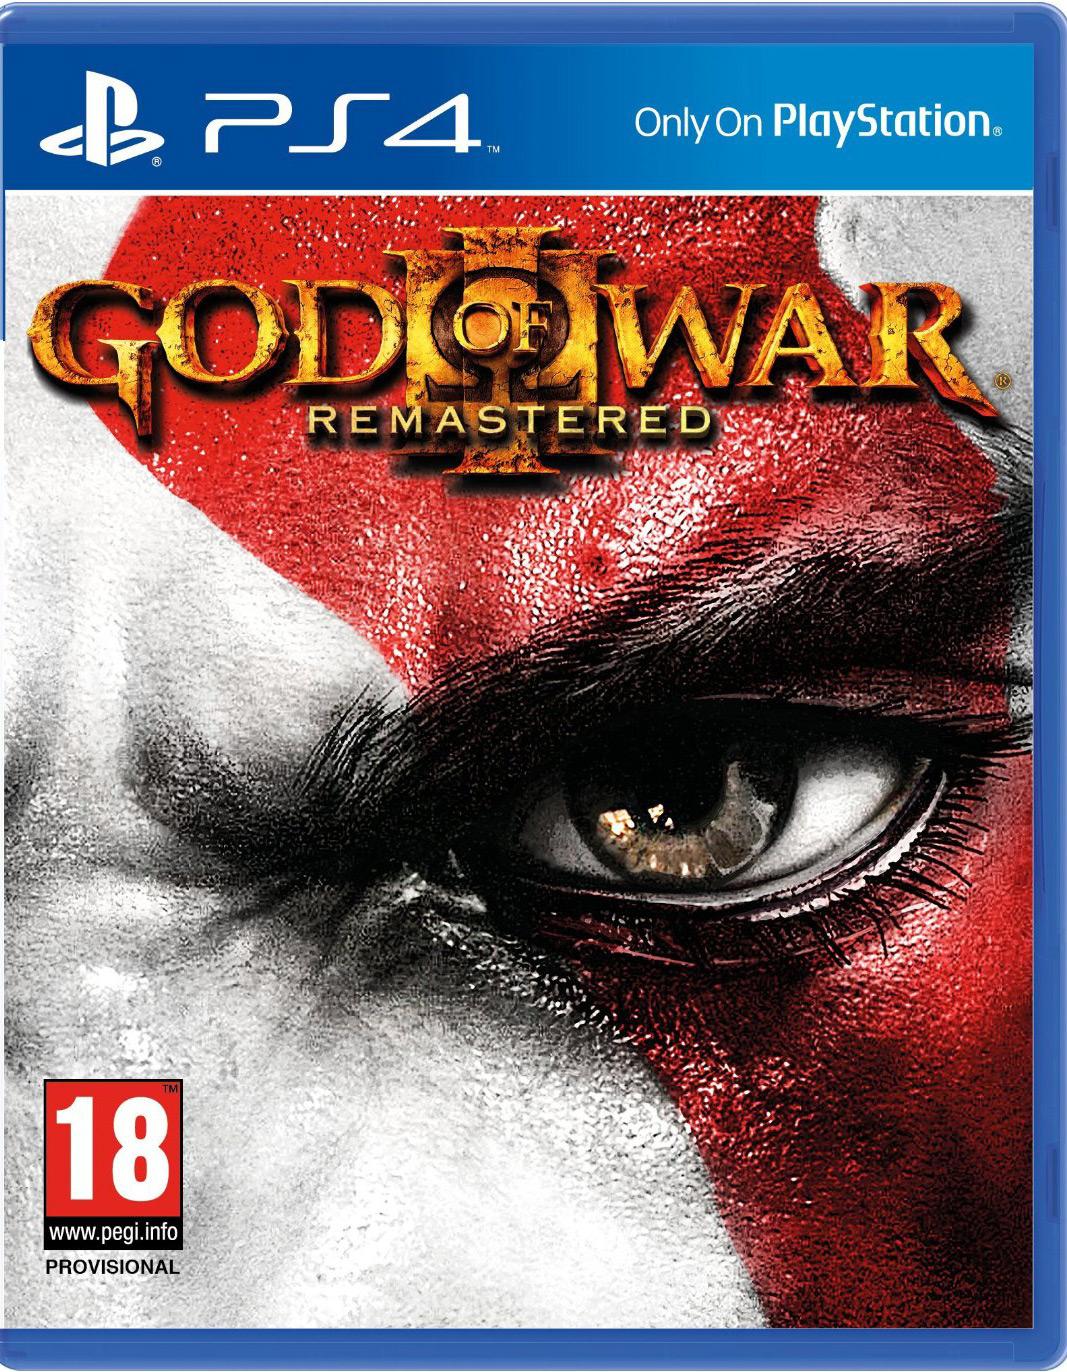 God of War 3 Remastered Edition um €29,-